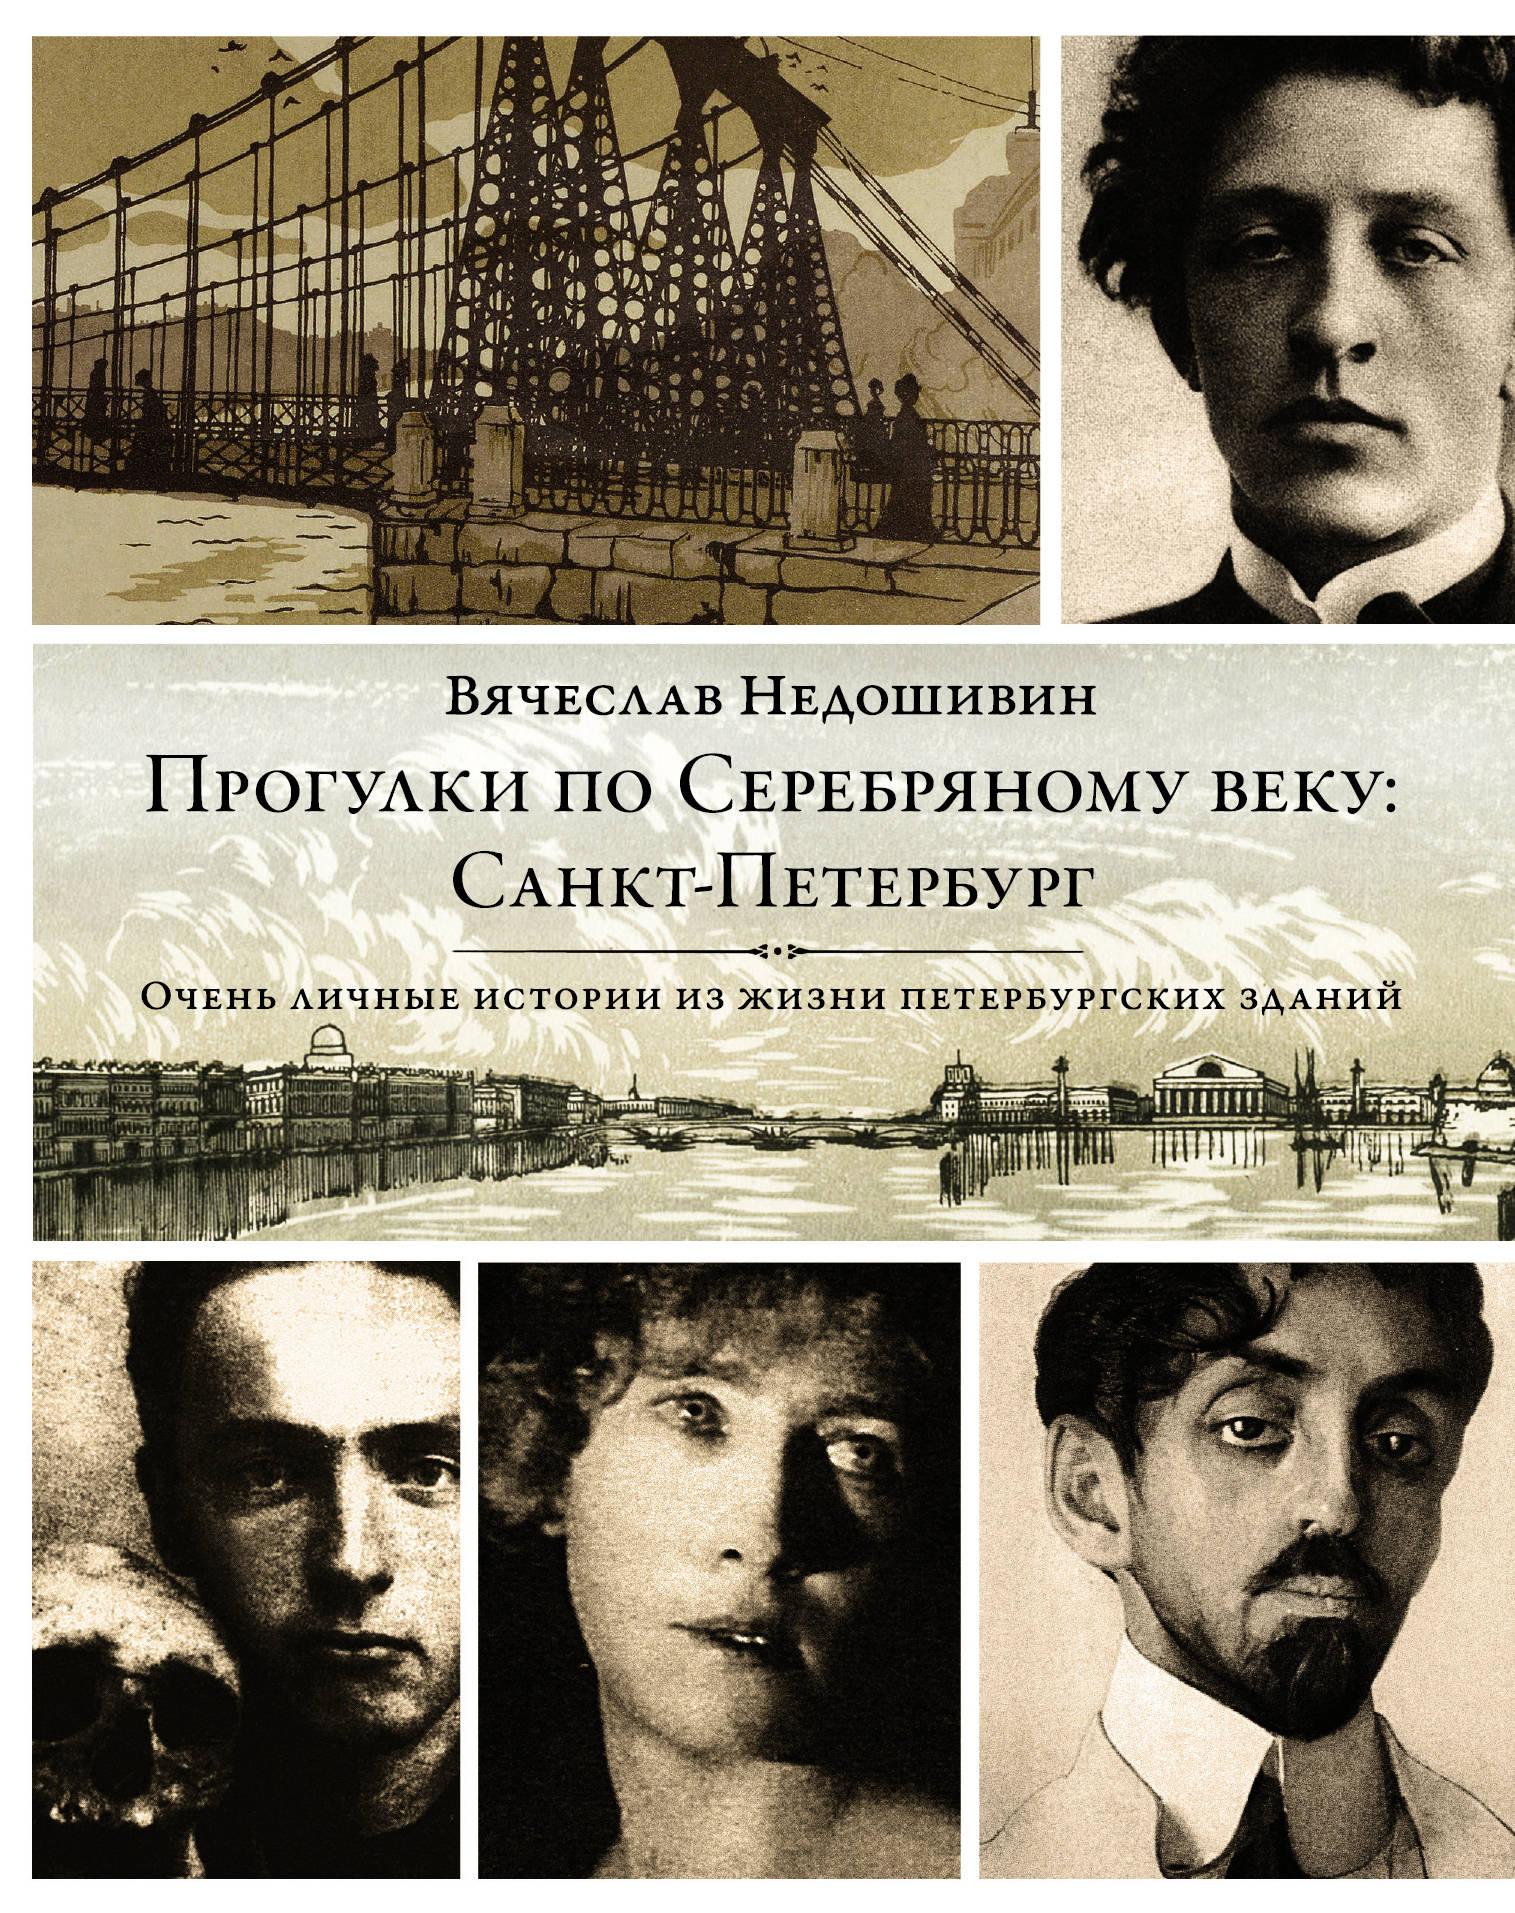 Прогулки по Серебряному веку. Санкт-Петербург от book24.ru